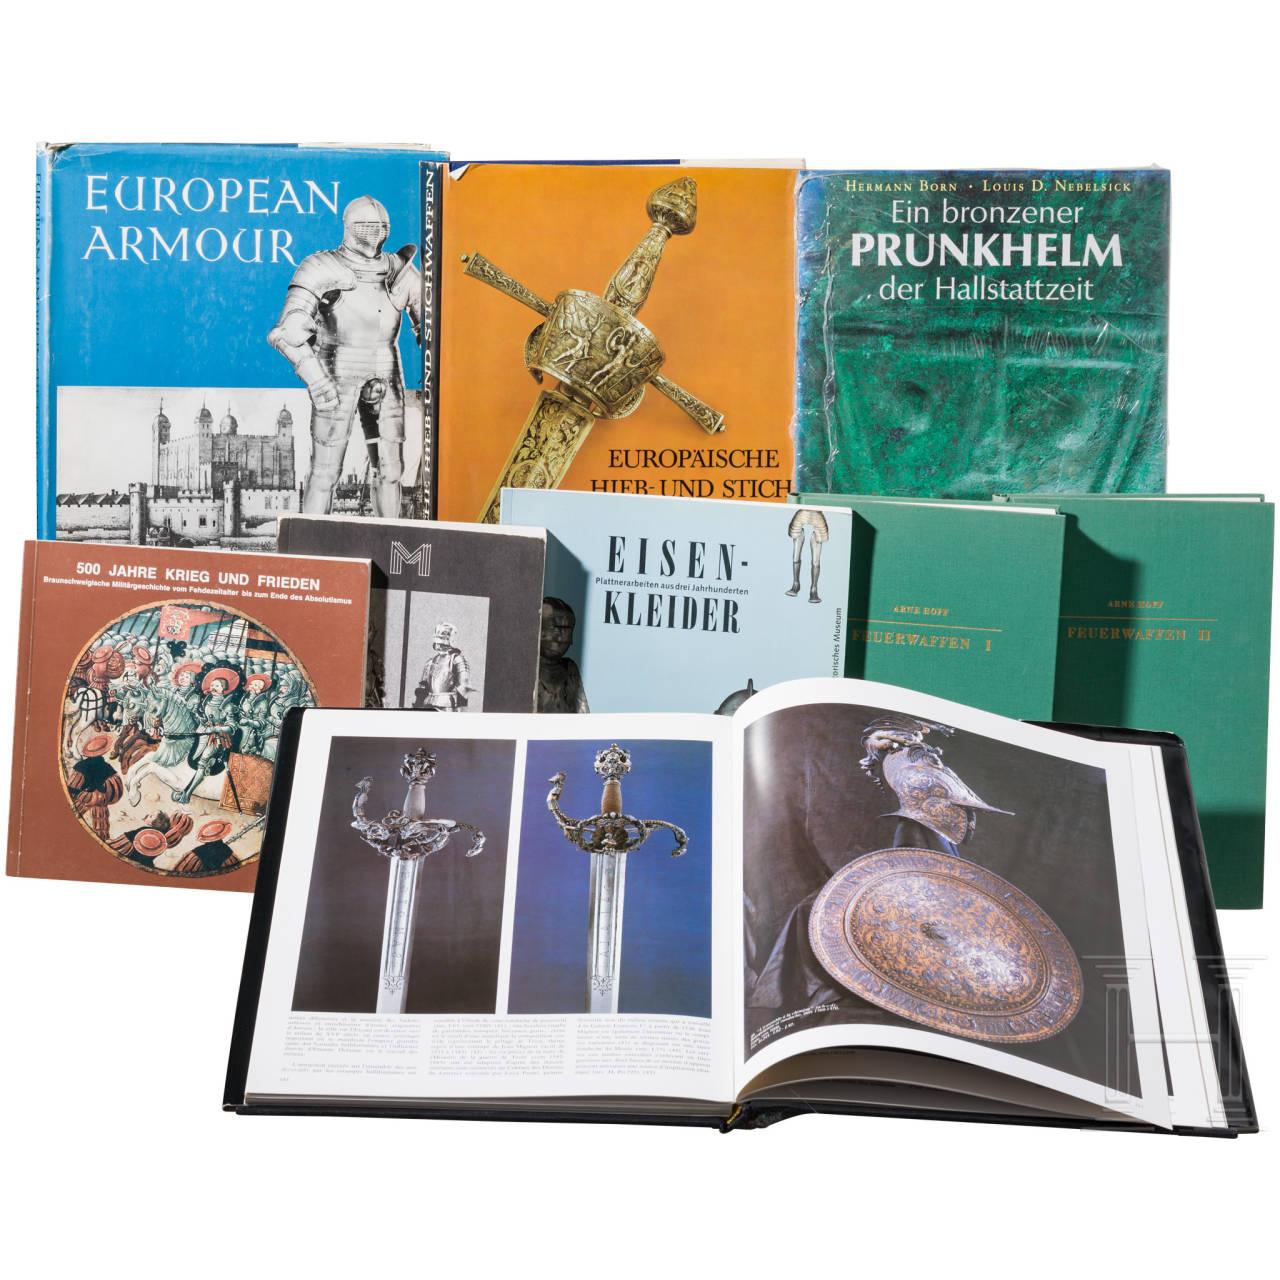 Bücherkonvolut zum Thema europäische Schutz-, Blank- und Feuerwaffen, Spätmittelalter und Frühmoderne